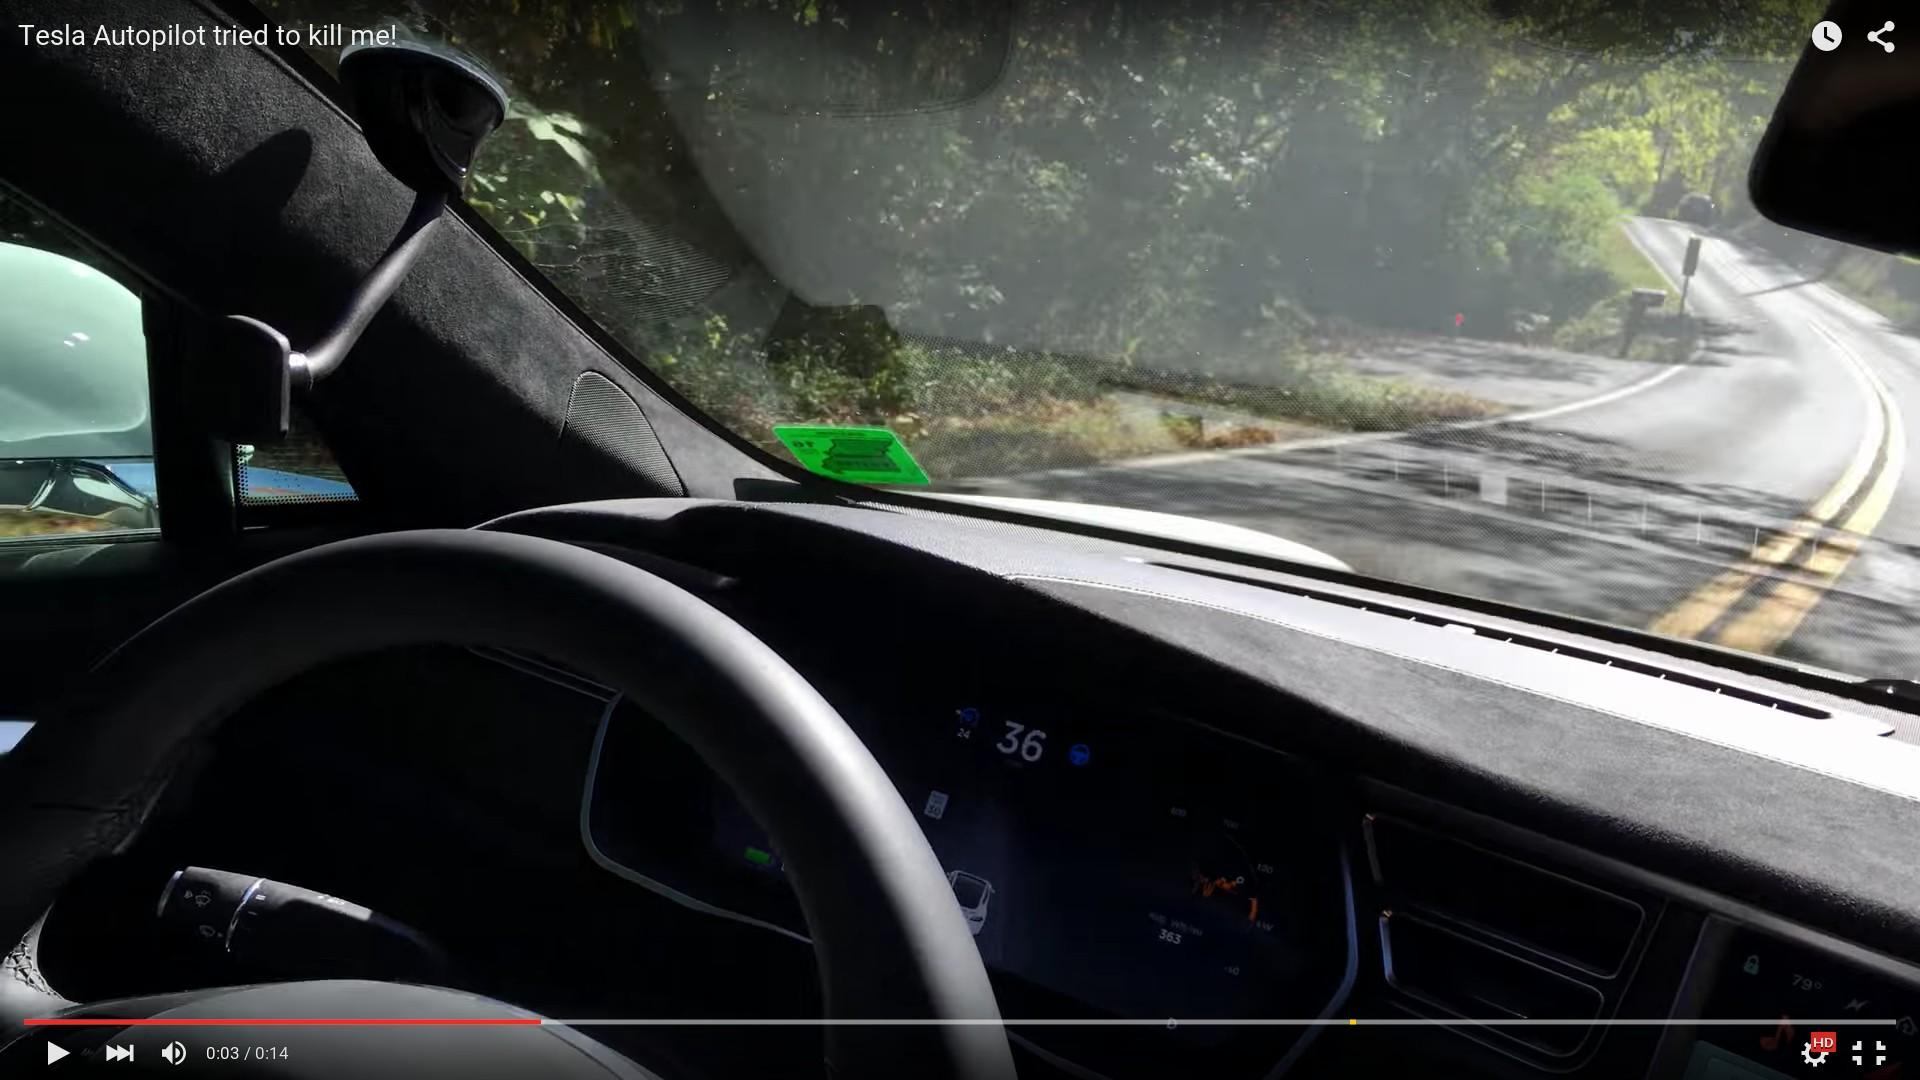 И опять автопилот (кадр из ролика номер три). Уже двойная сплошная, а через сотню метров будет ещё и встречный трафик.